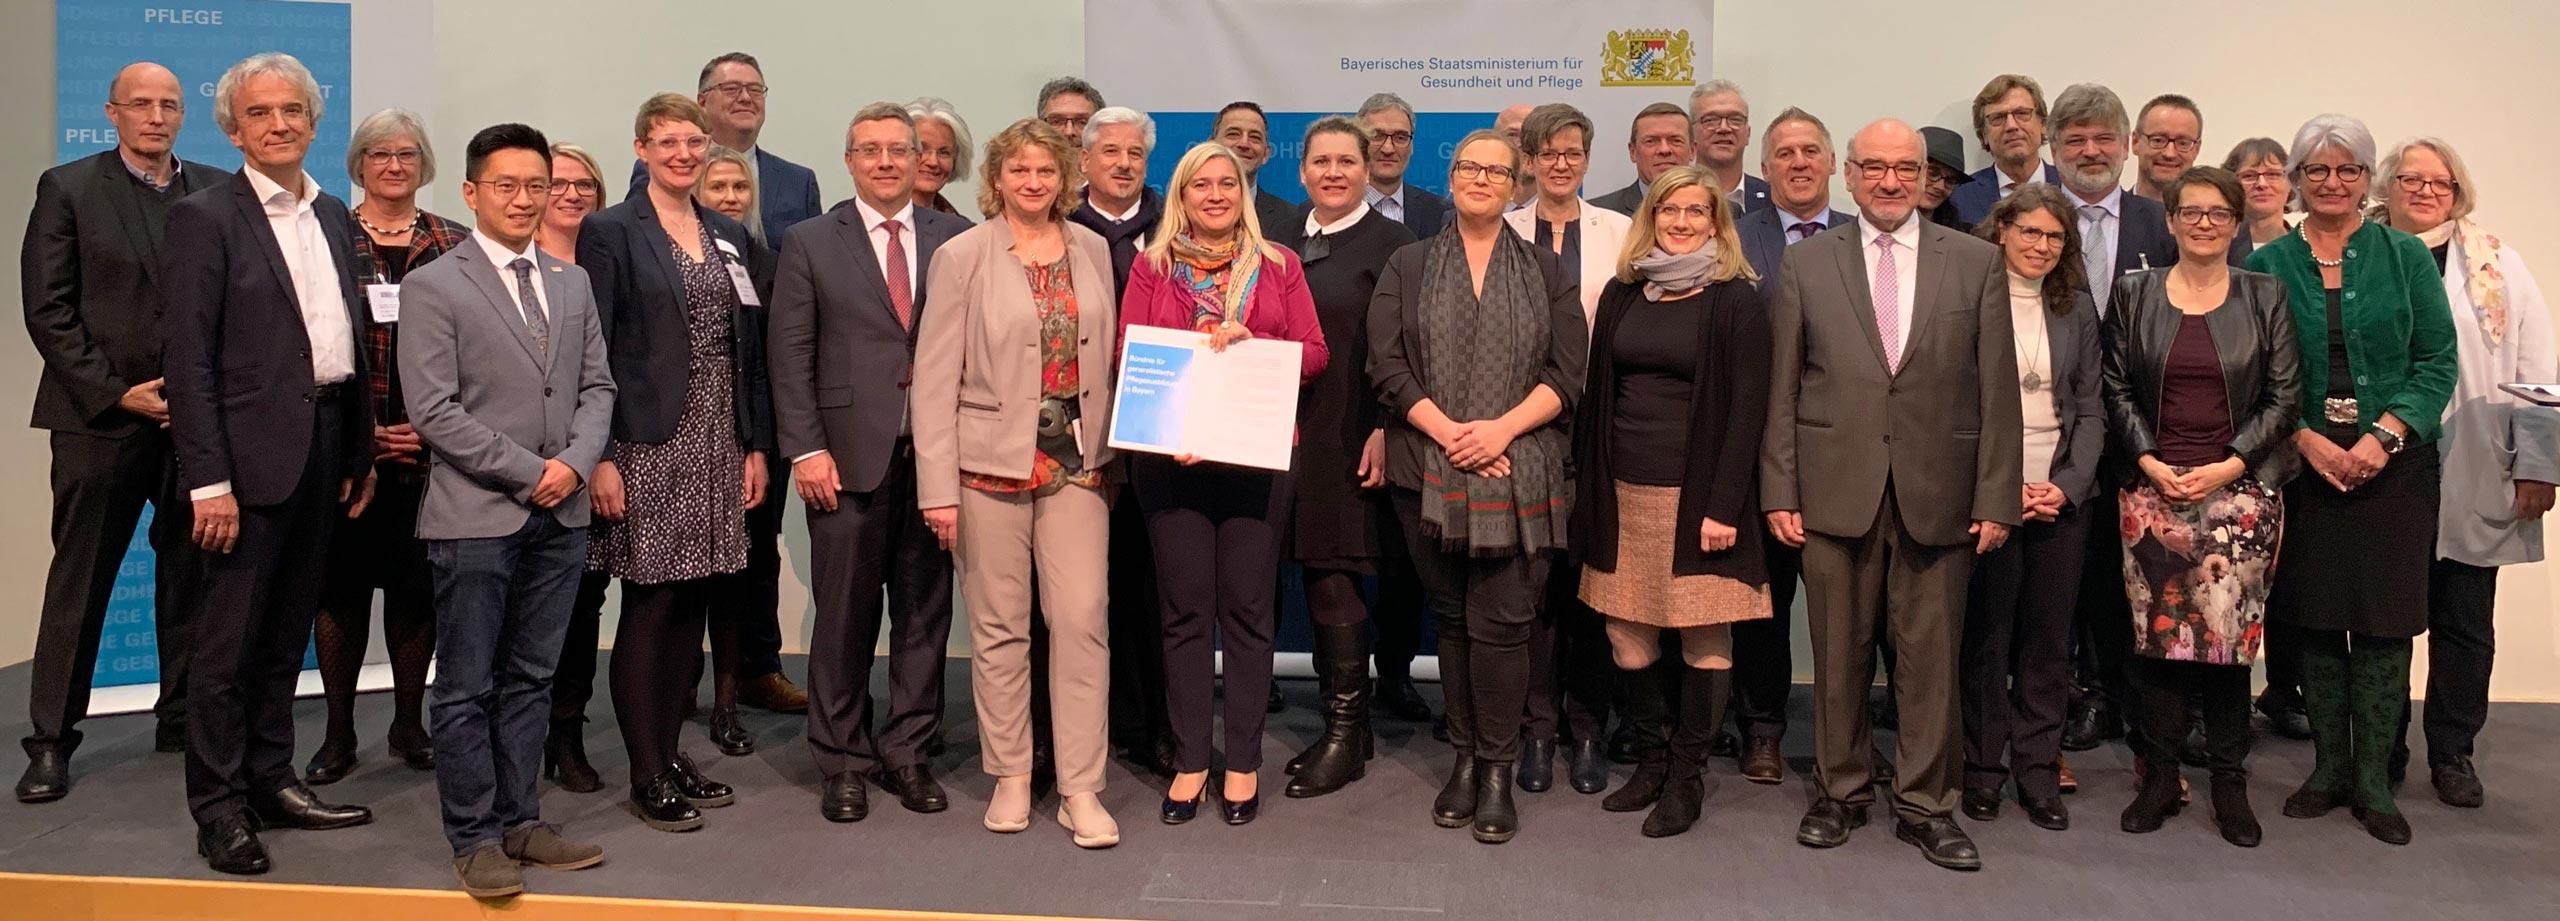 """Treffen der Partner des Bündnisses für generalistische Pflegeausbildung am 6. November 2019 auf der Messe """"ConSozial"""" in Nürnberg."""